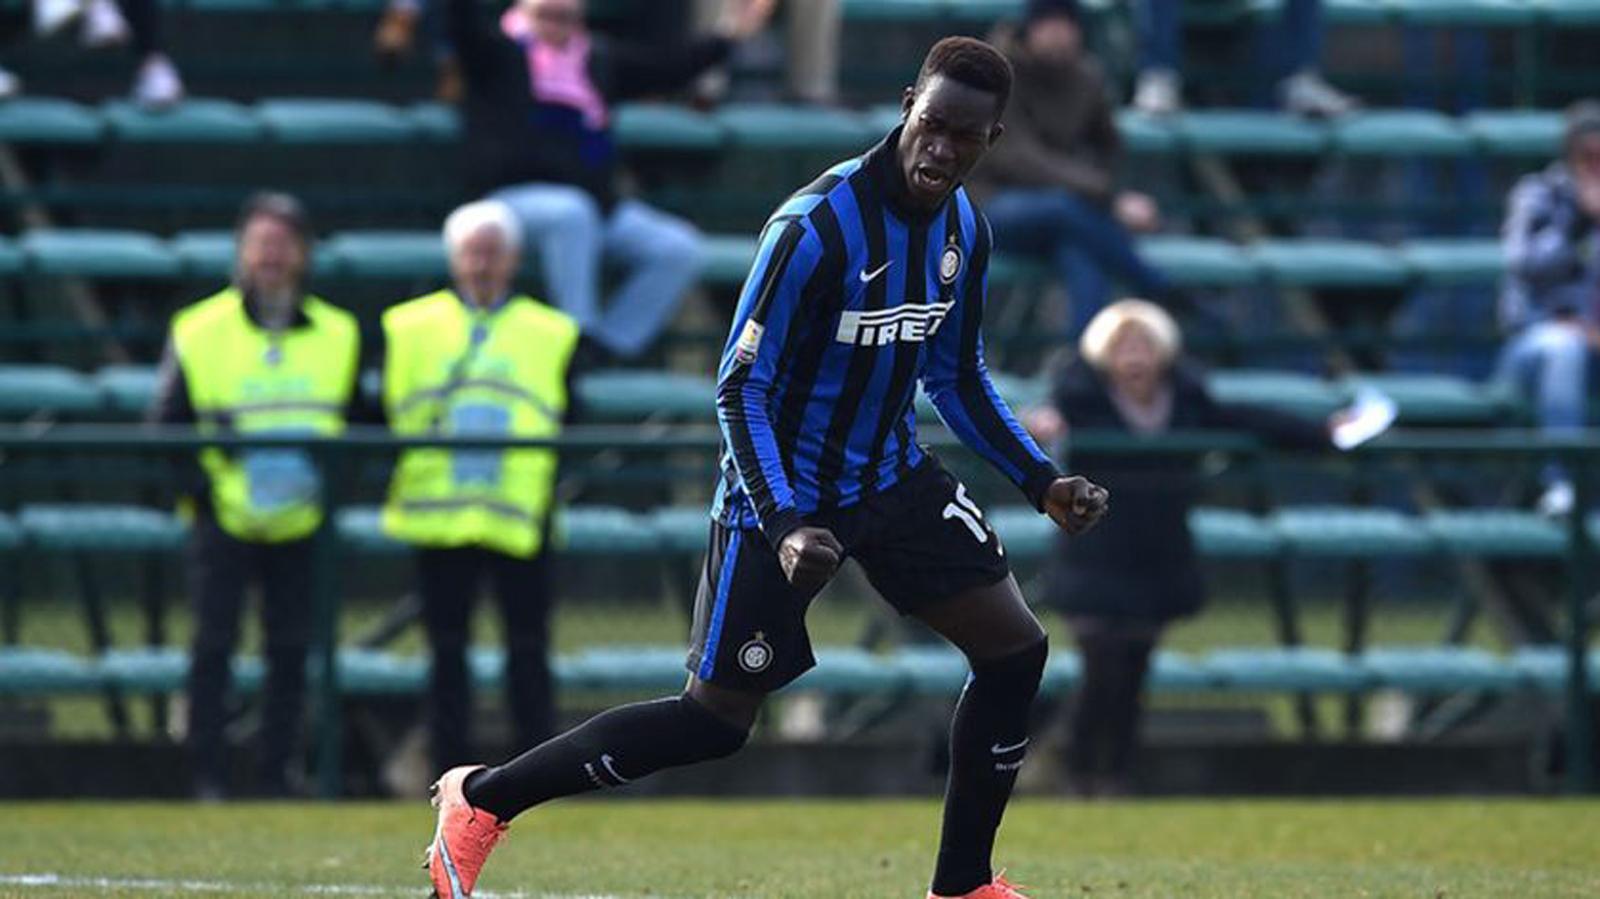 El pase pertenece al Inter de Milan (Foto: inter.it)